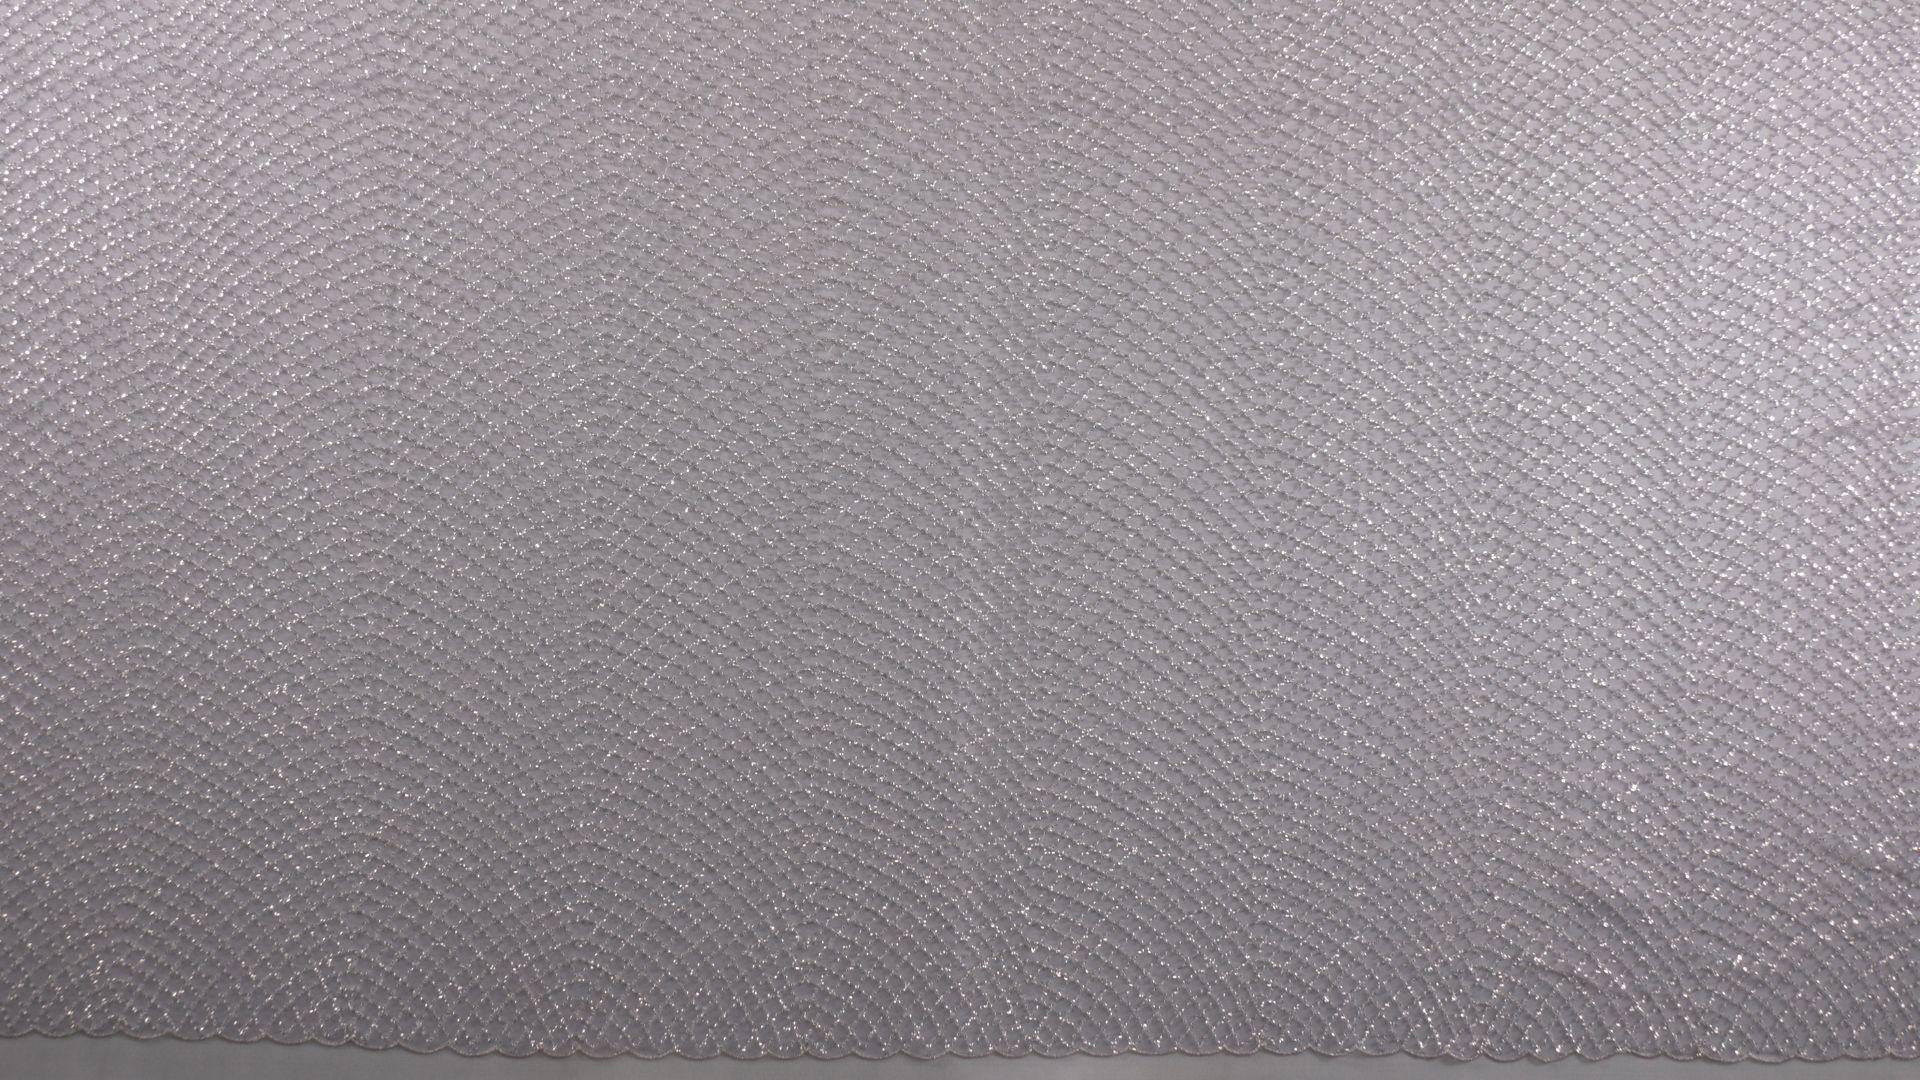 il particolare del tessuto lv440300, appartenente alla categoria ricami con accessori, di Leadford & Logan